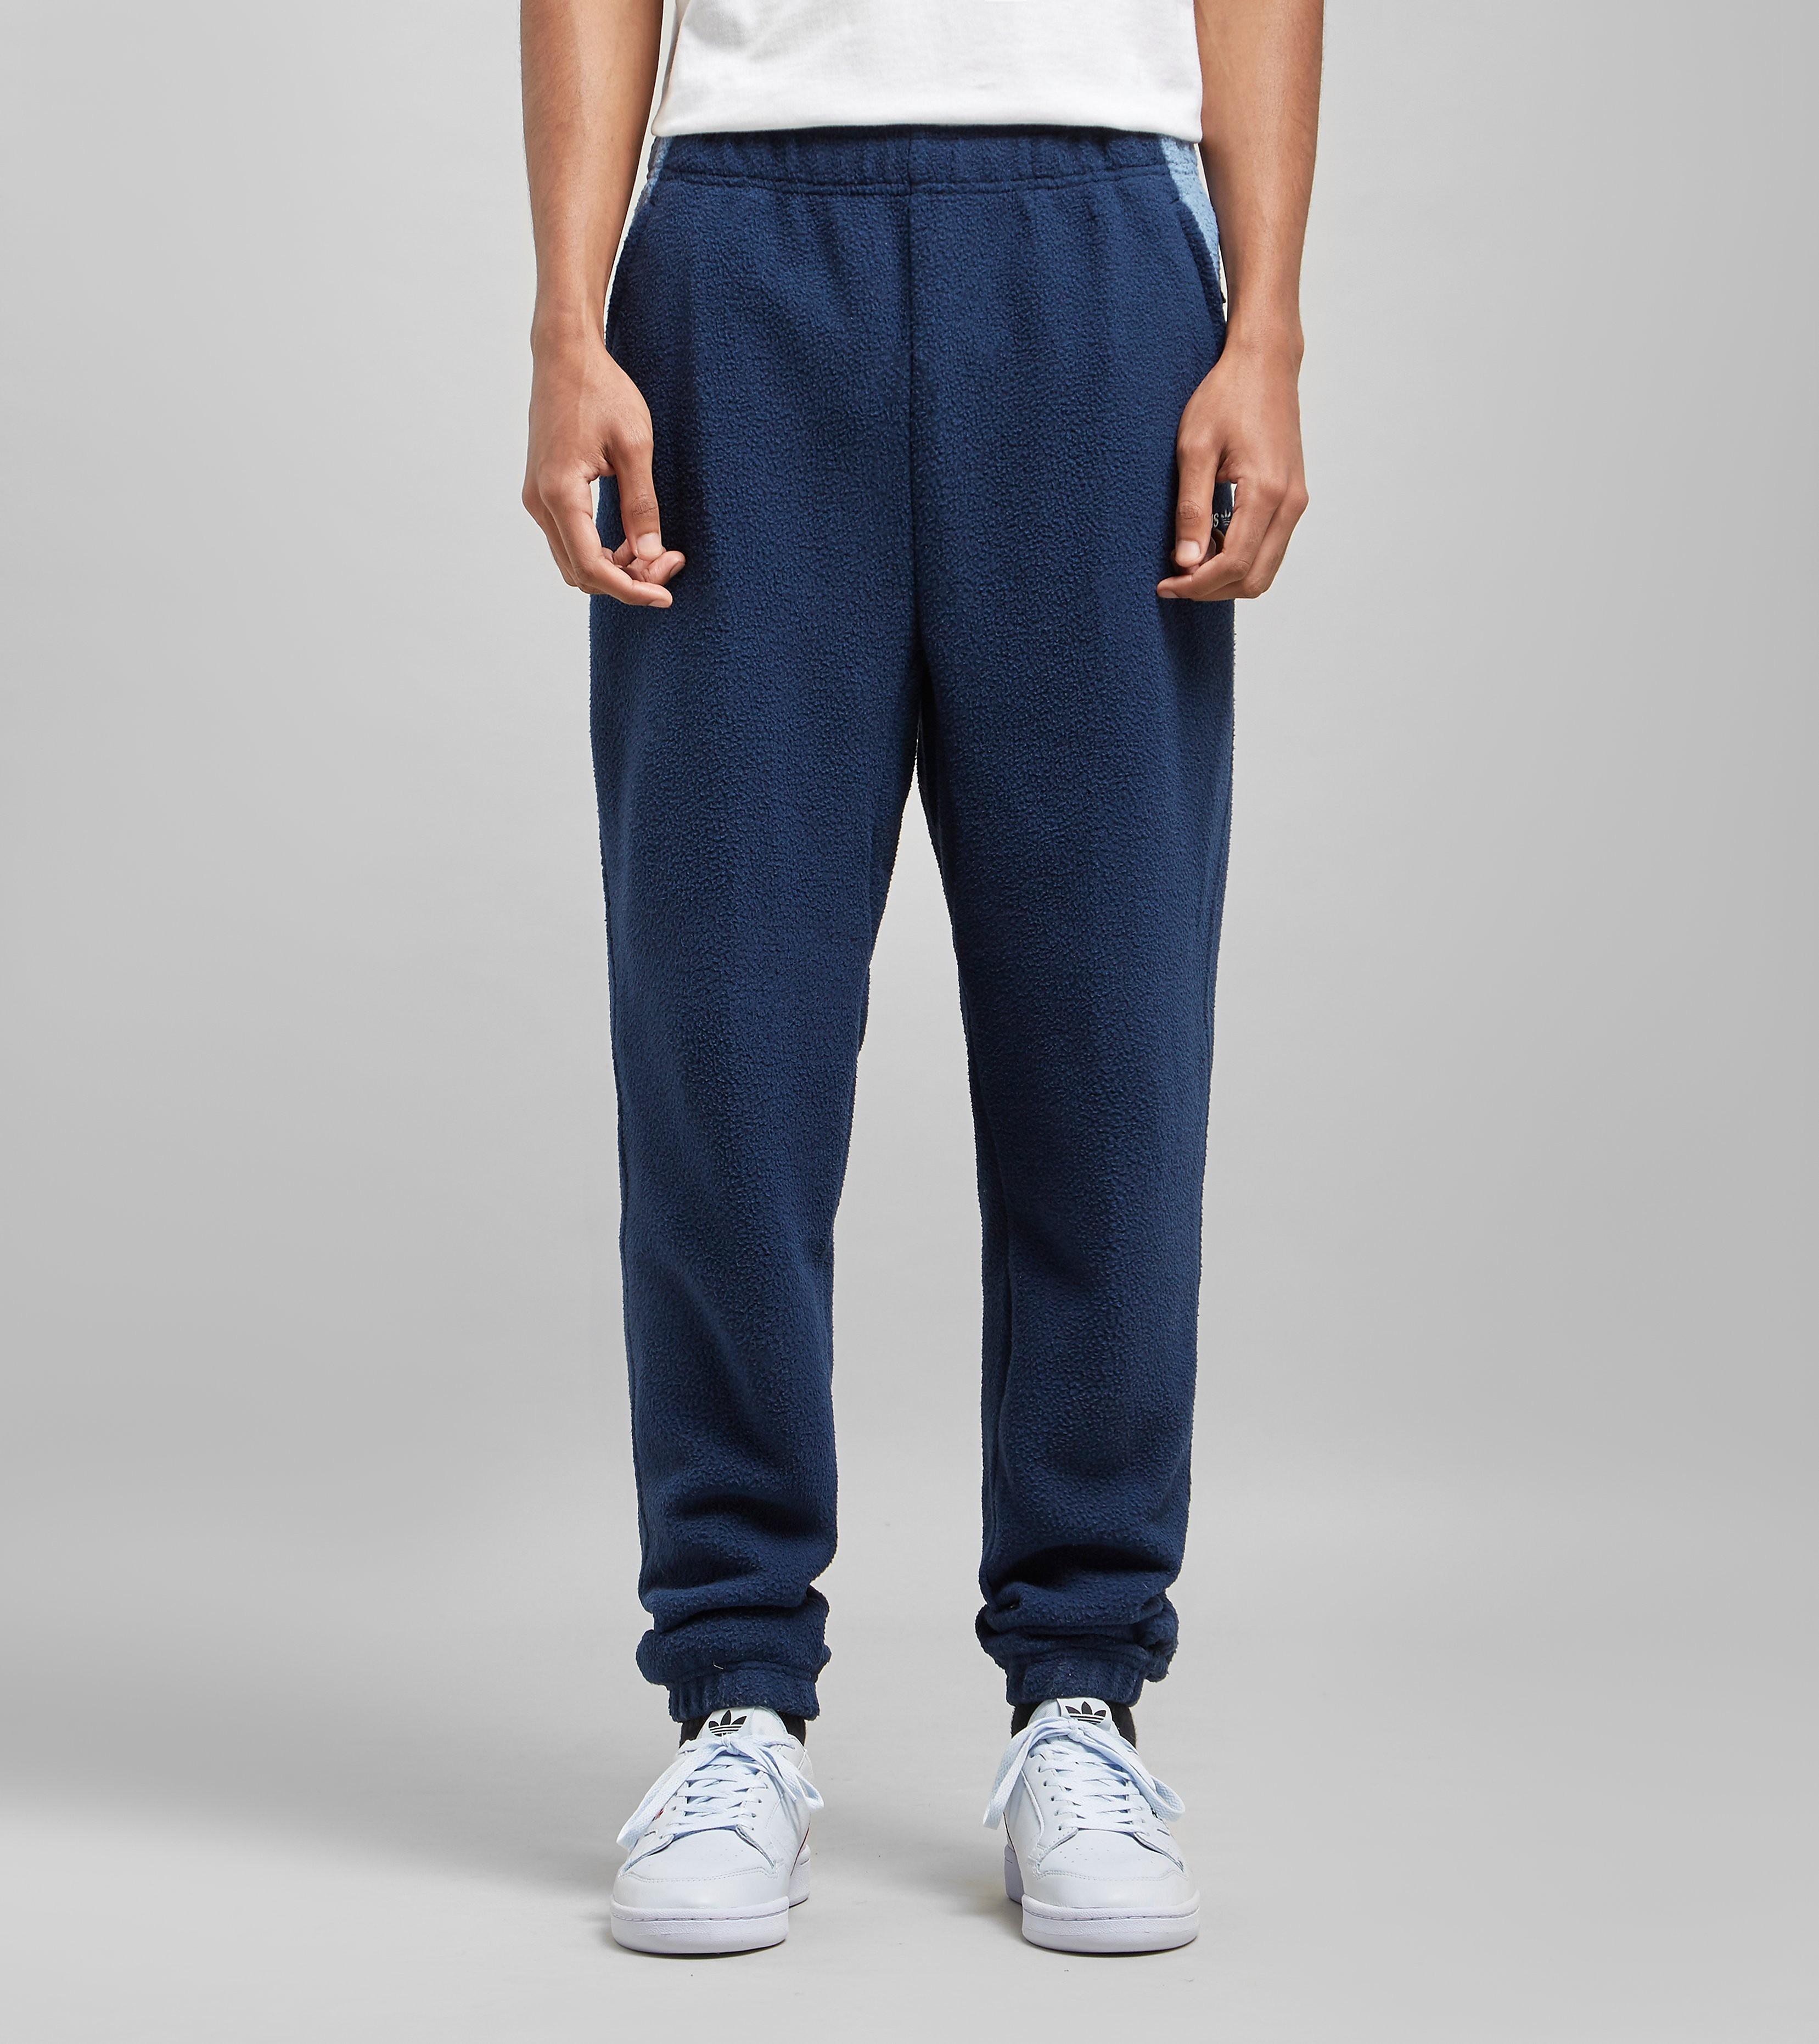 adidas Originals EQT Polar Fleece Track Pant